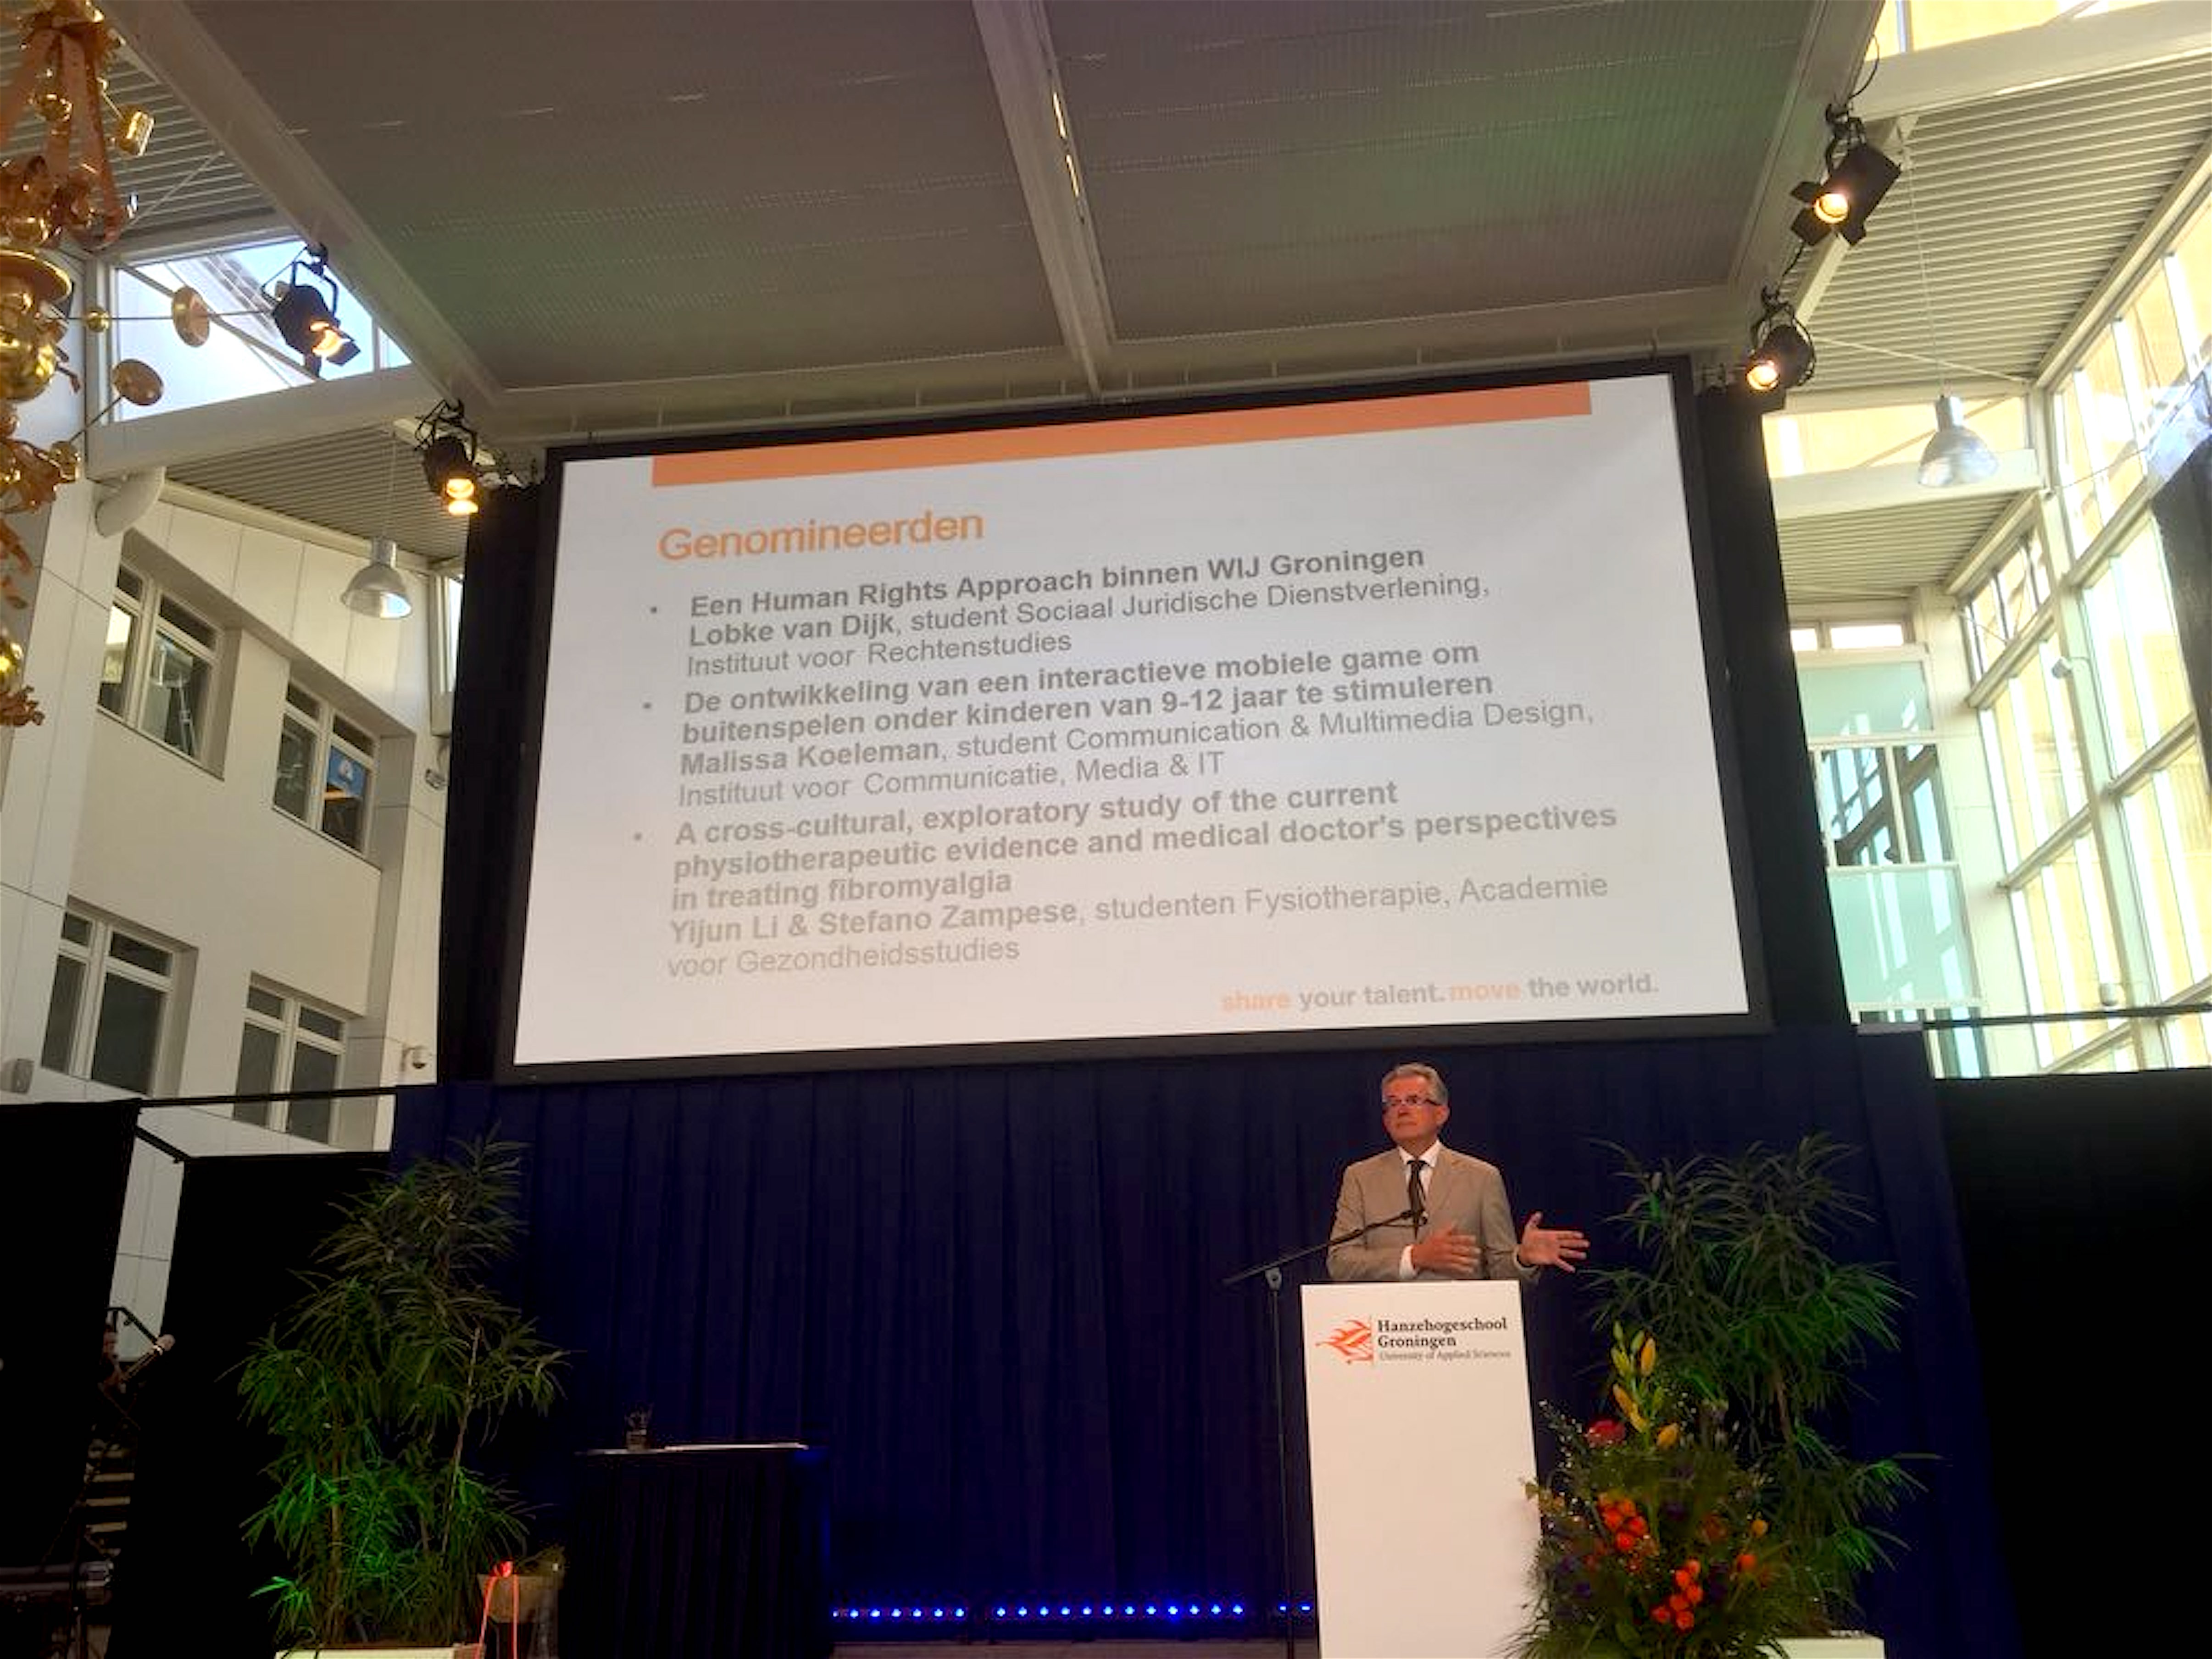 Burgemeester Koen Schuiling van Den Helder heeft een nevenfunctie, namelijk voorzitter van de taad van bestuur van de Hanzehogeschool in Groningen (foto Fleur Gräpe/Twitter)